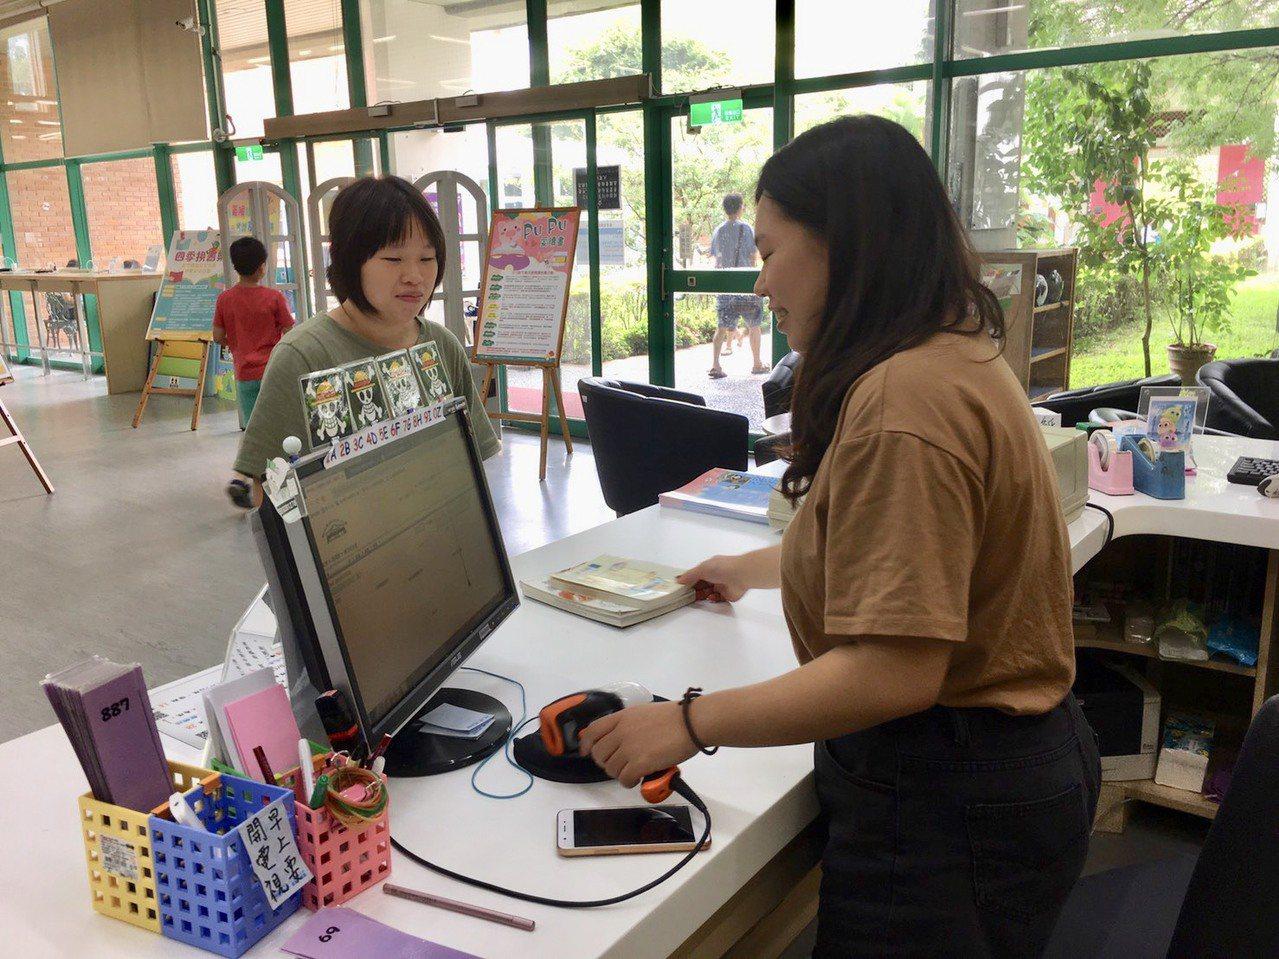 新竹縣14所公共圖書館,從今年9月24日起全面推動「圖書通閱」服務,讓民眾借書、...